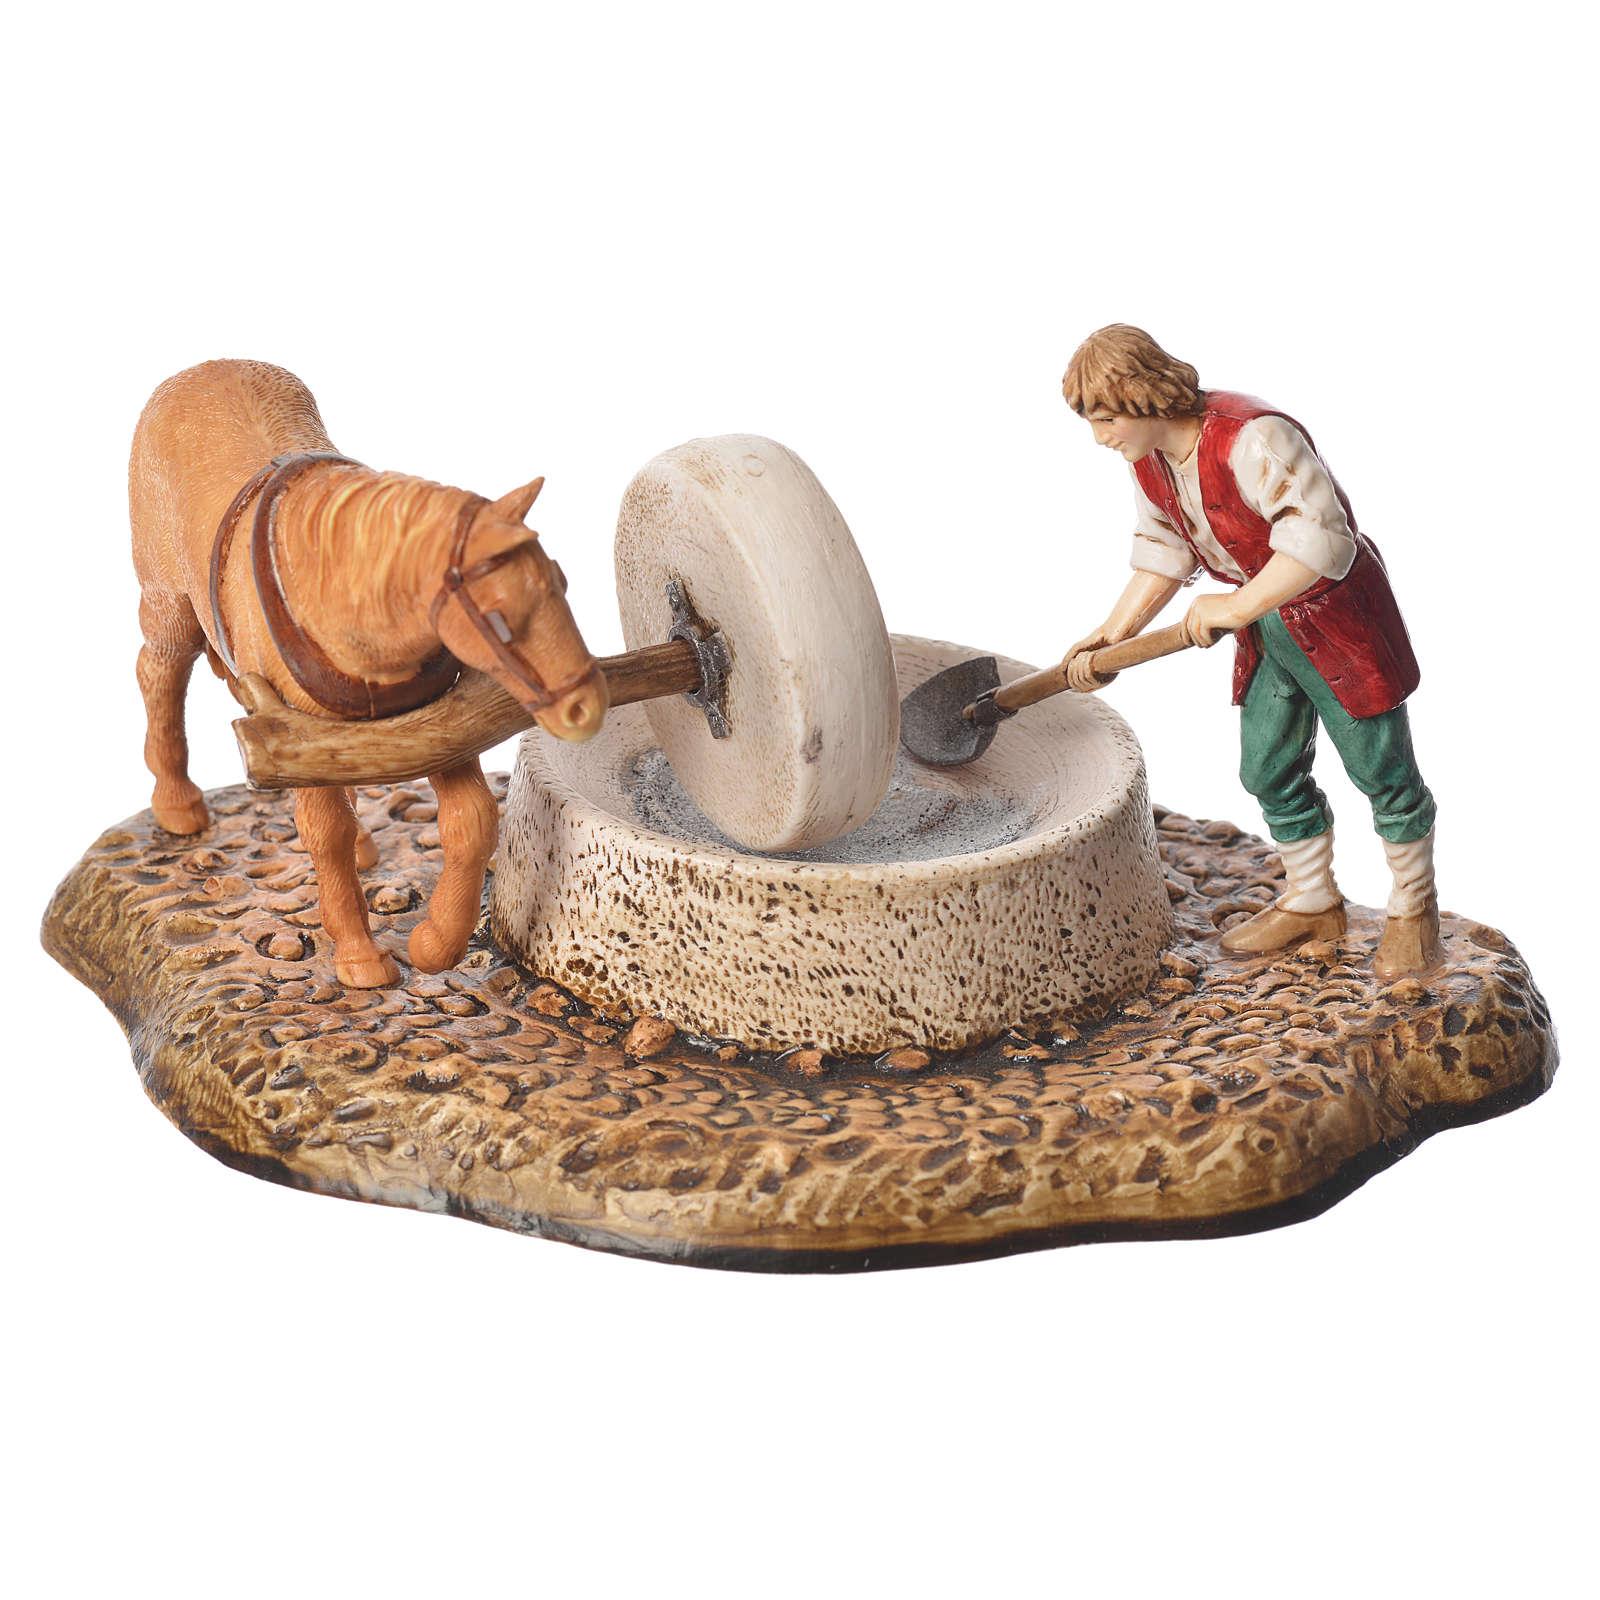 Grinder scene, nativity figurine, 10cm Moranduzzo 4